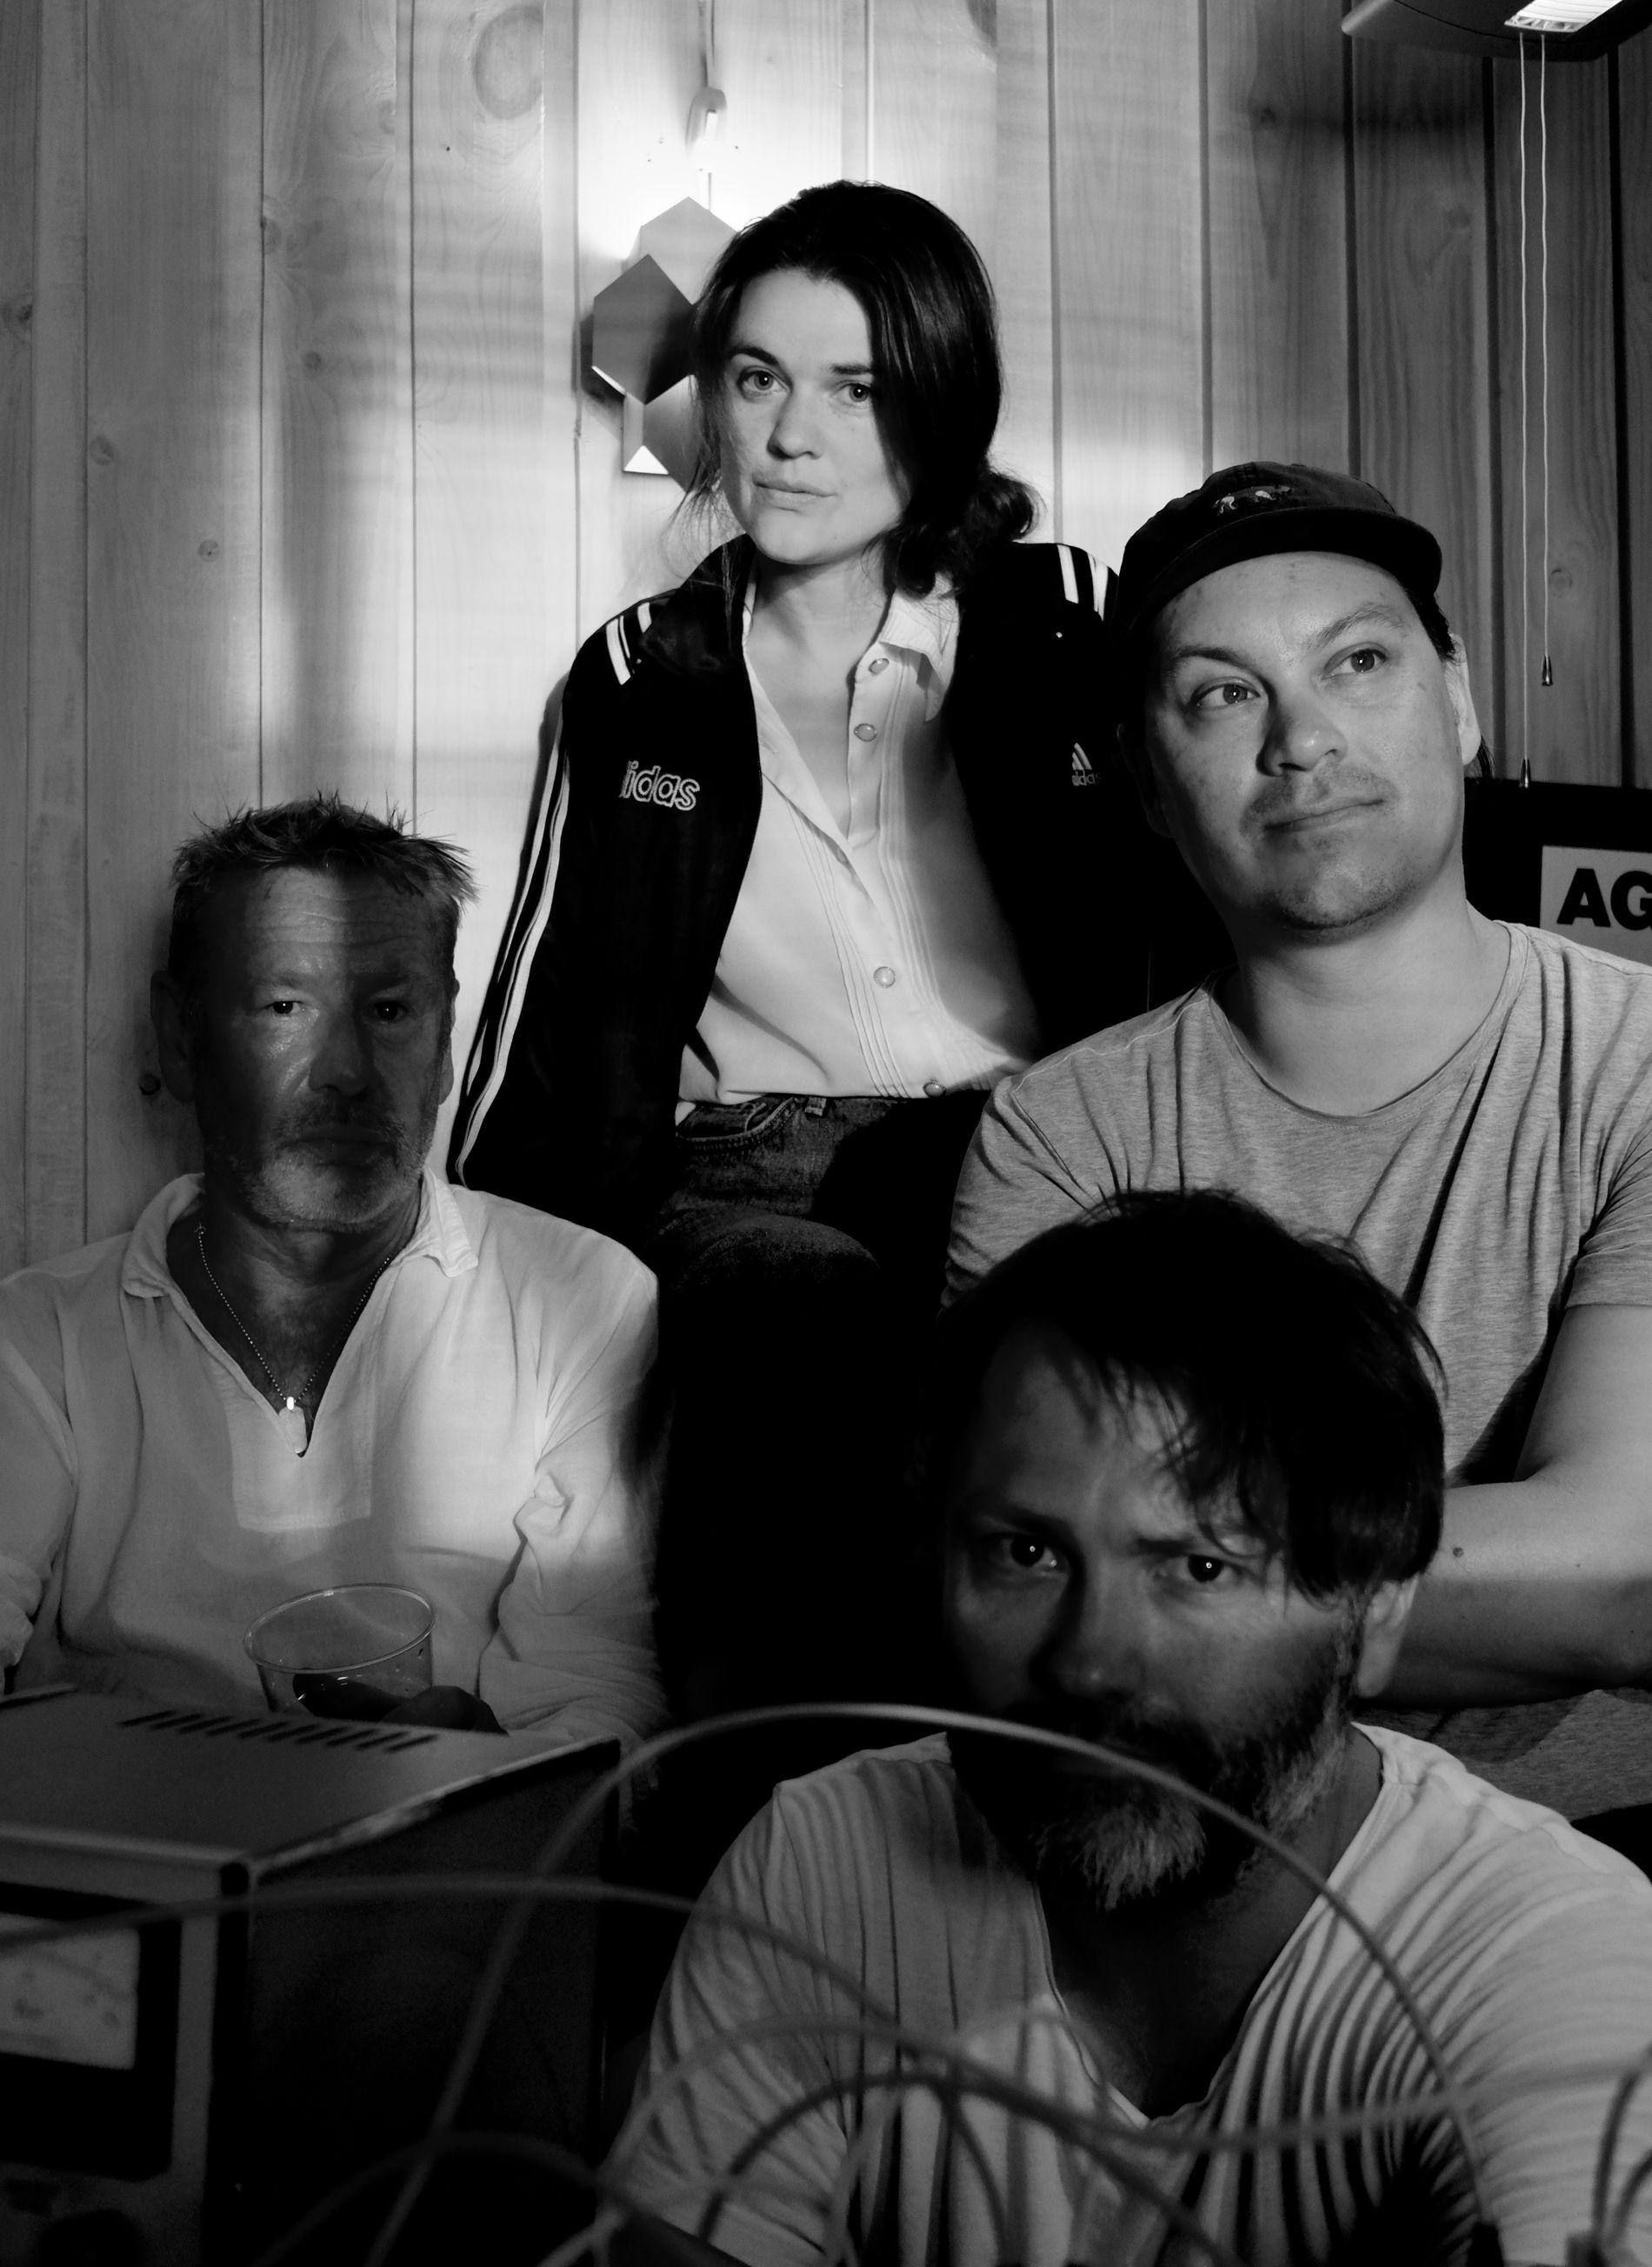 ERFARNE: Uur Lang Droog har spilt på Nattjazz og Oktoberfest tidligere. Her er Tomas Espedal, Sara Bruteig Olsen, Omar Johnsen og Robert Jønnum, som er fire av de ni som skal spille lørdag.